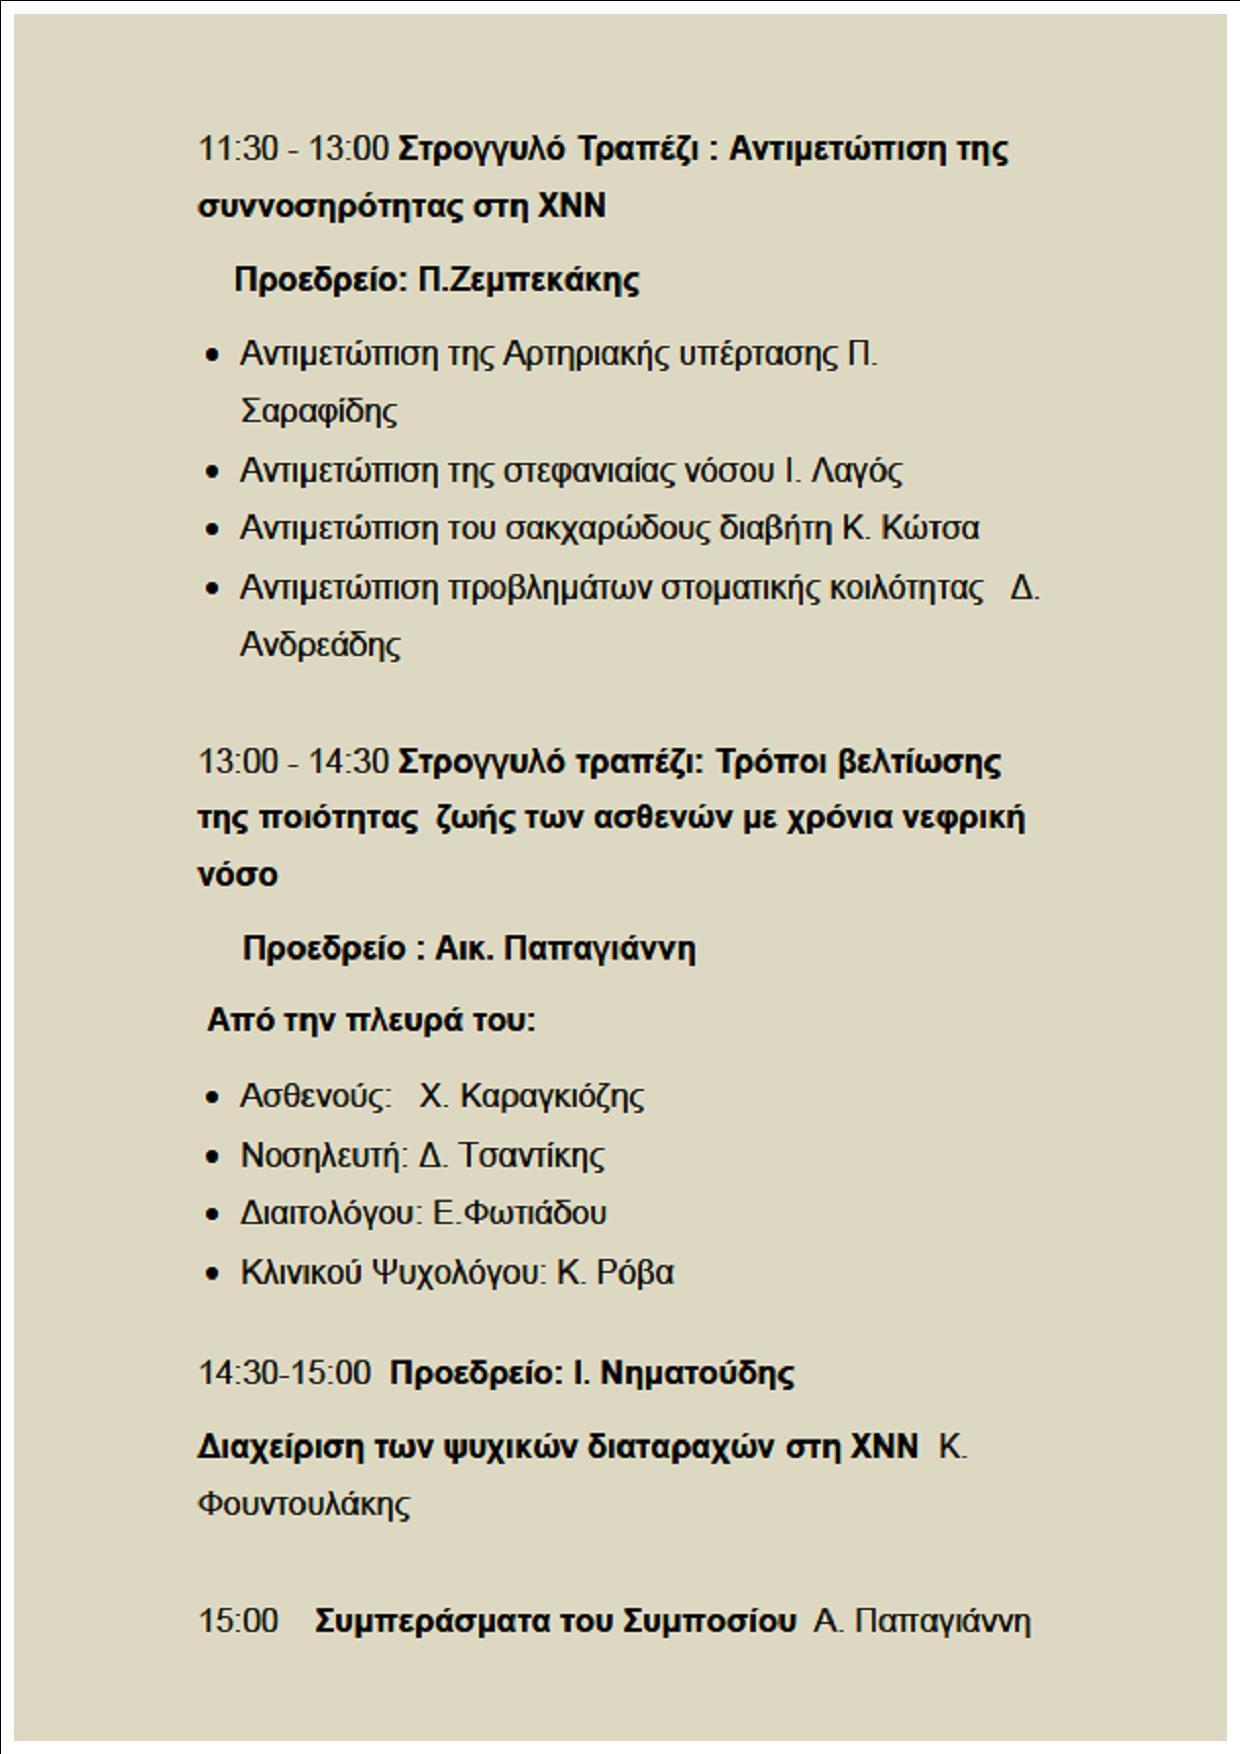 ΕΠΙΣΤΗΜΟΝΙΚΟ ΠΡΟΓΡΑΜΜΑ ΣΕΛ 2